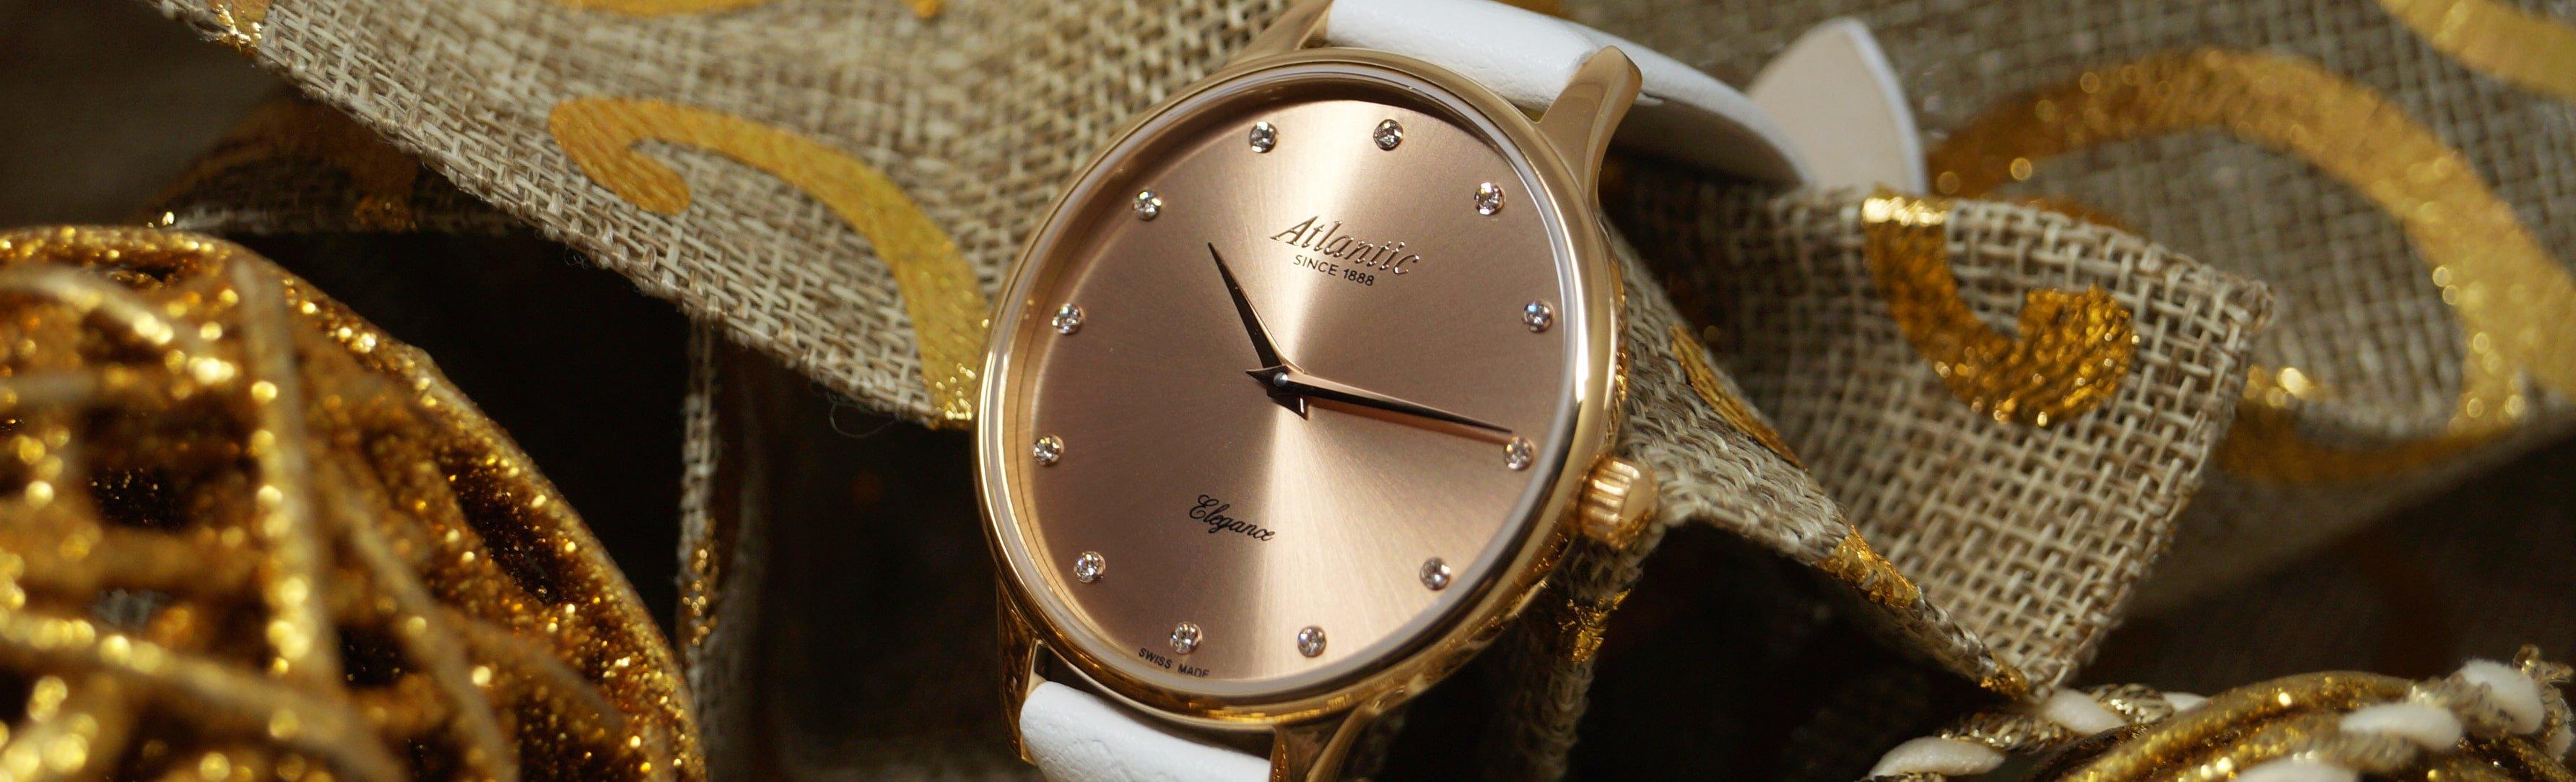 Klasyczny, damski zegarek Atlantic 29038.44.77L ze stali w kolorze rózowego złota na białym skórzanym pasku. Tracza tego zegarka jest w kolorze różowego złota ozdobiona cyrkoniami w miejscu indeksów.